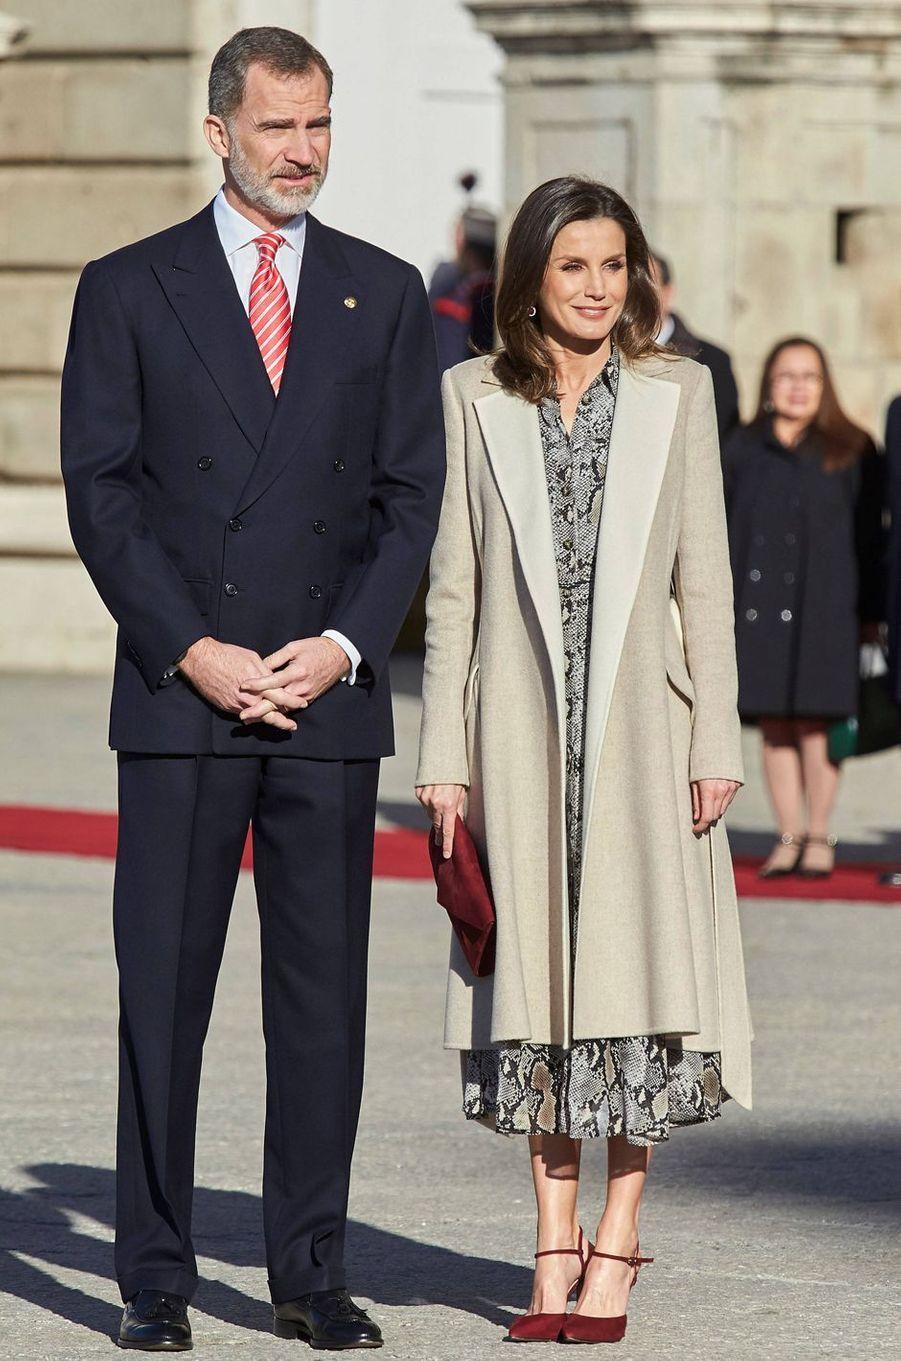 La reine Letizia d'Espagne dans un manteau Carolina Herrera à Madrid, le 27 février 2019